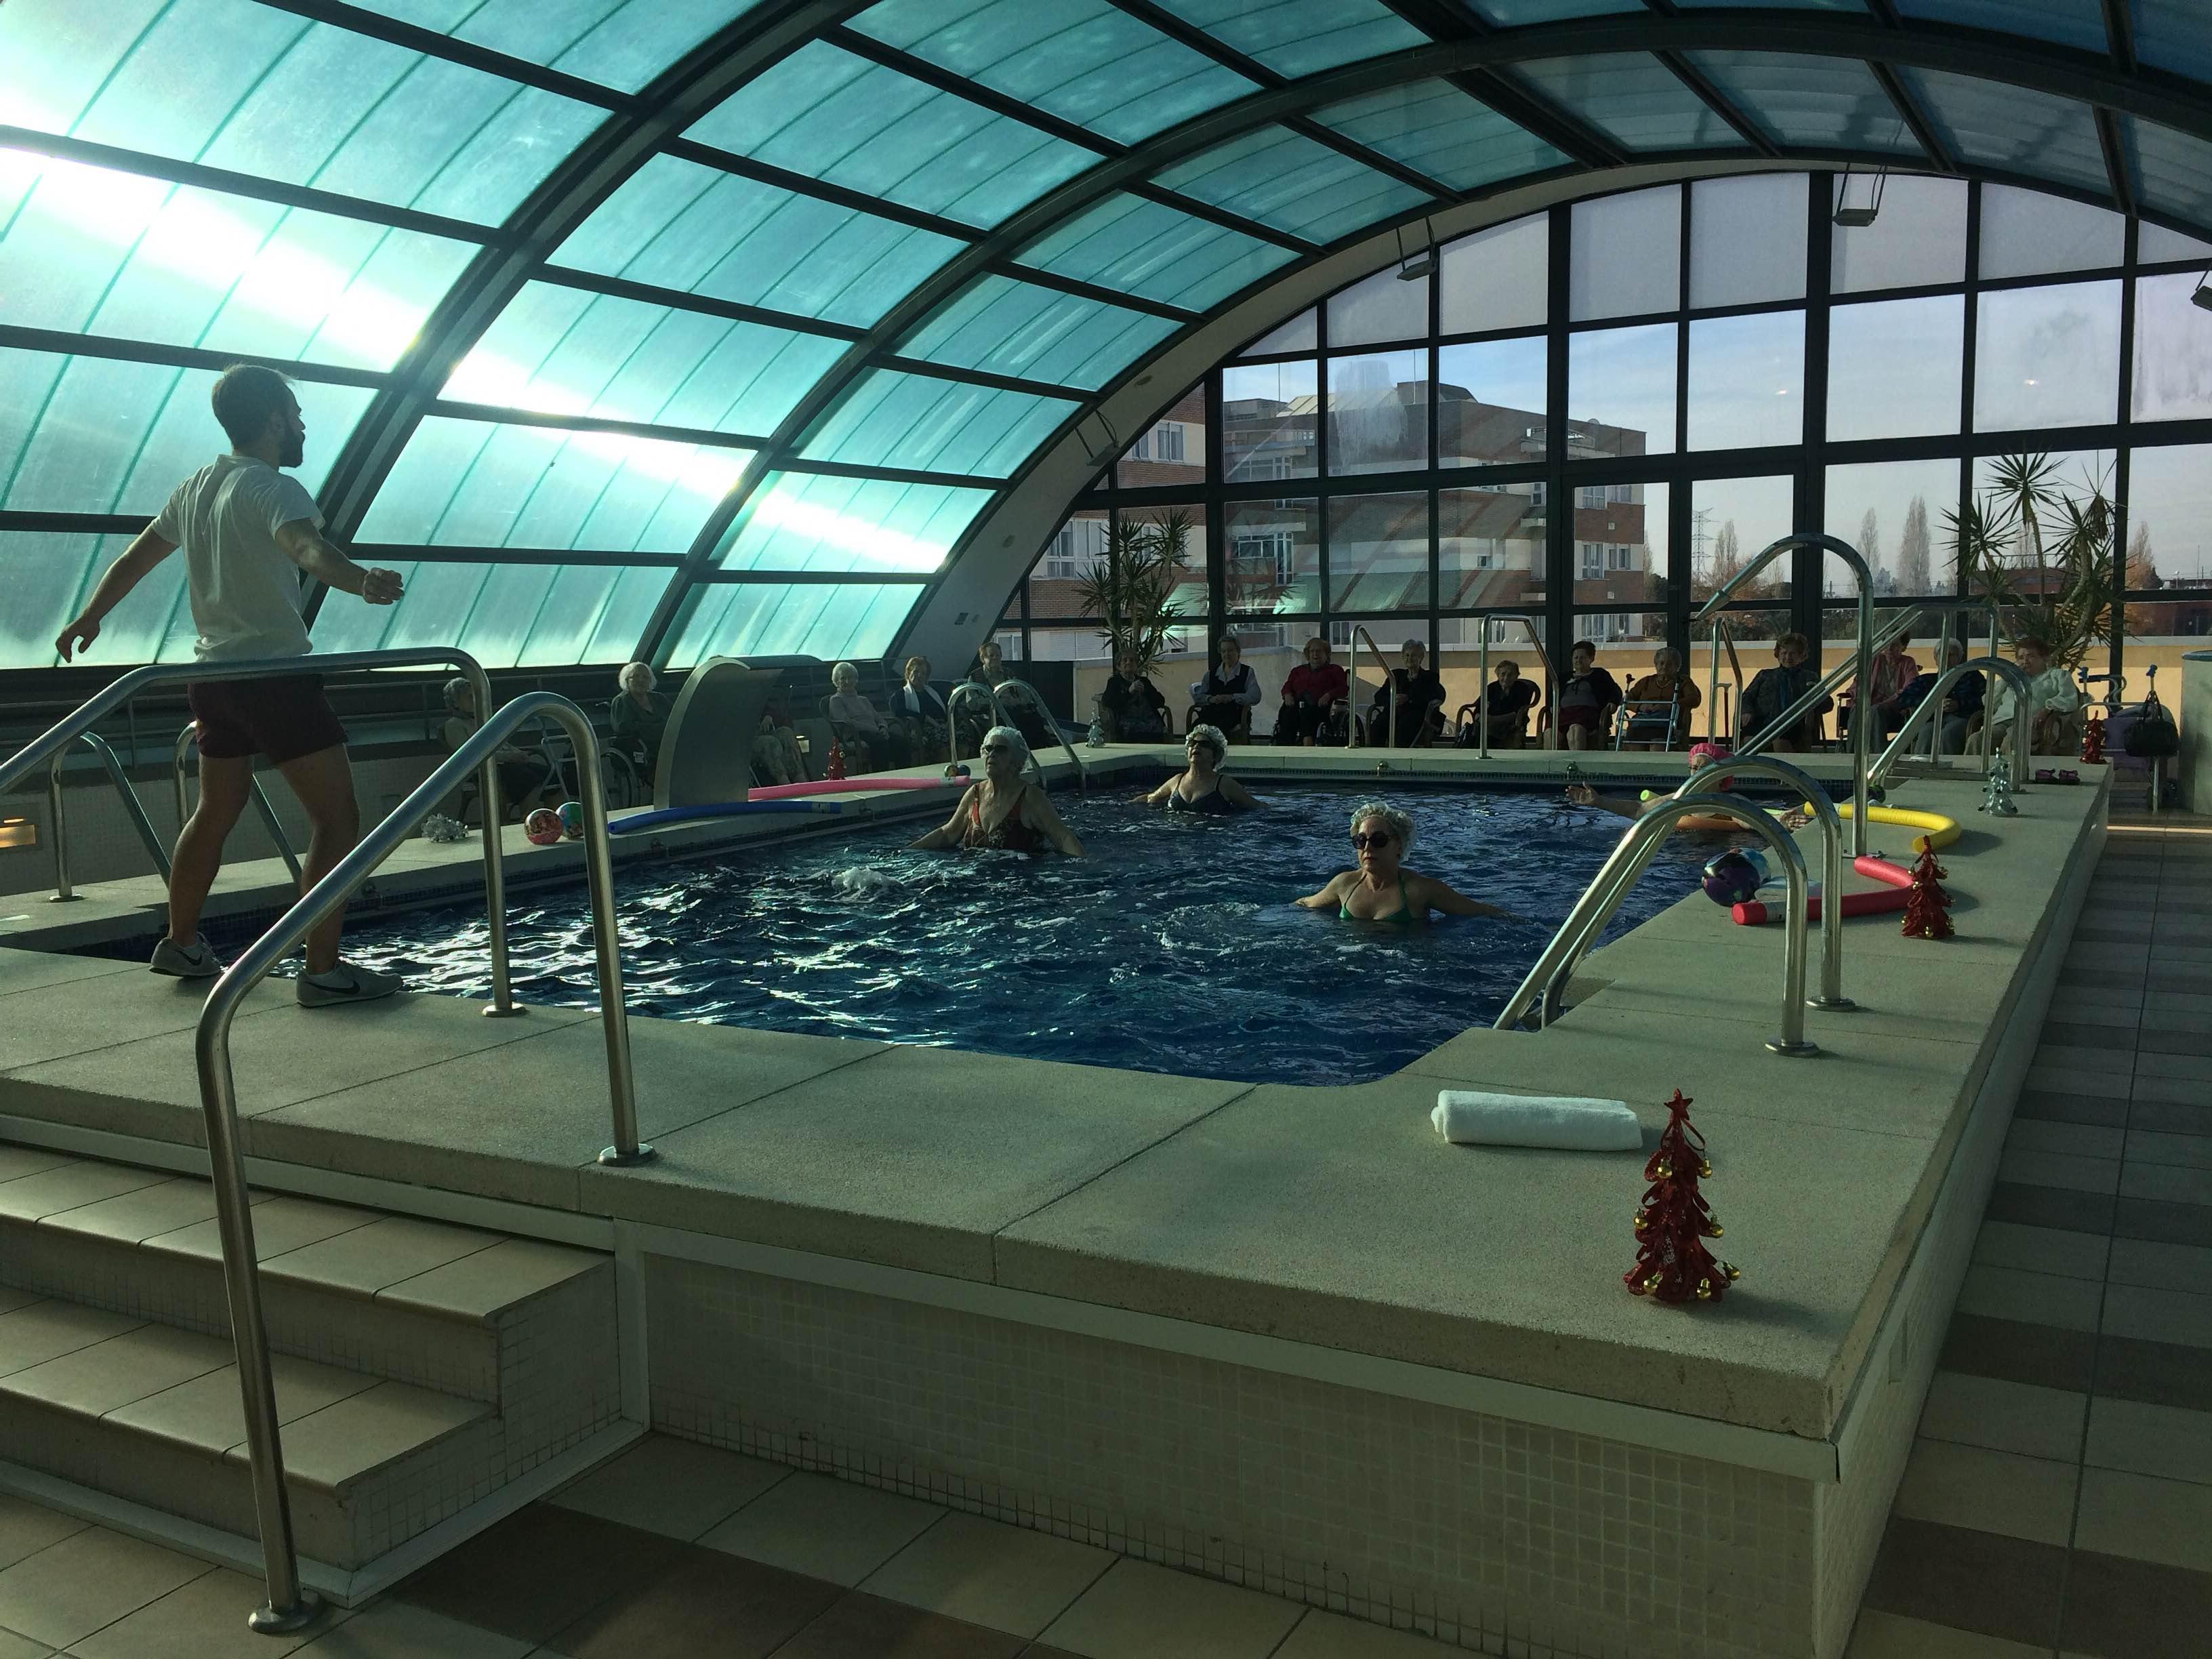 Exhibicion piscina tres cantos residencias domusvi for Piscina islas tres cantos